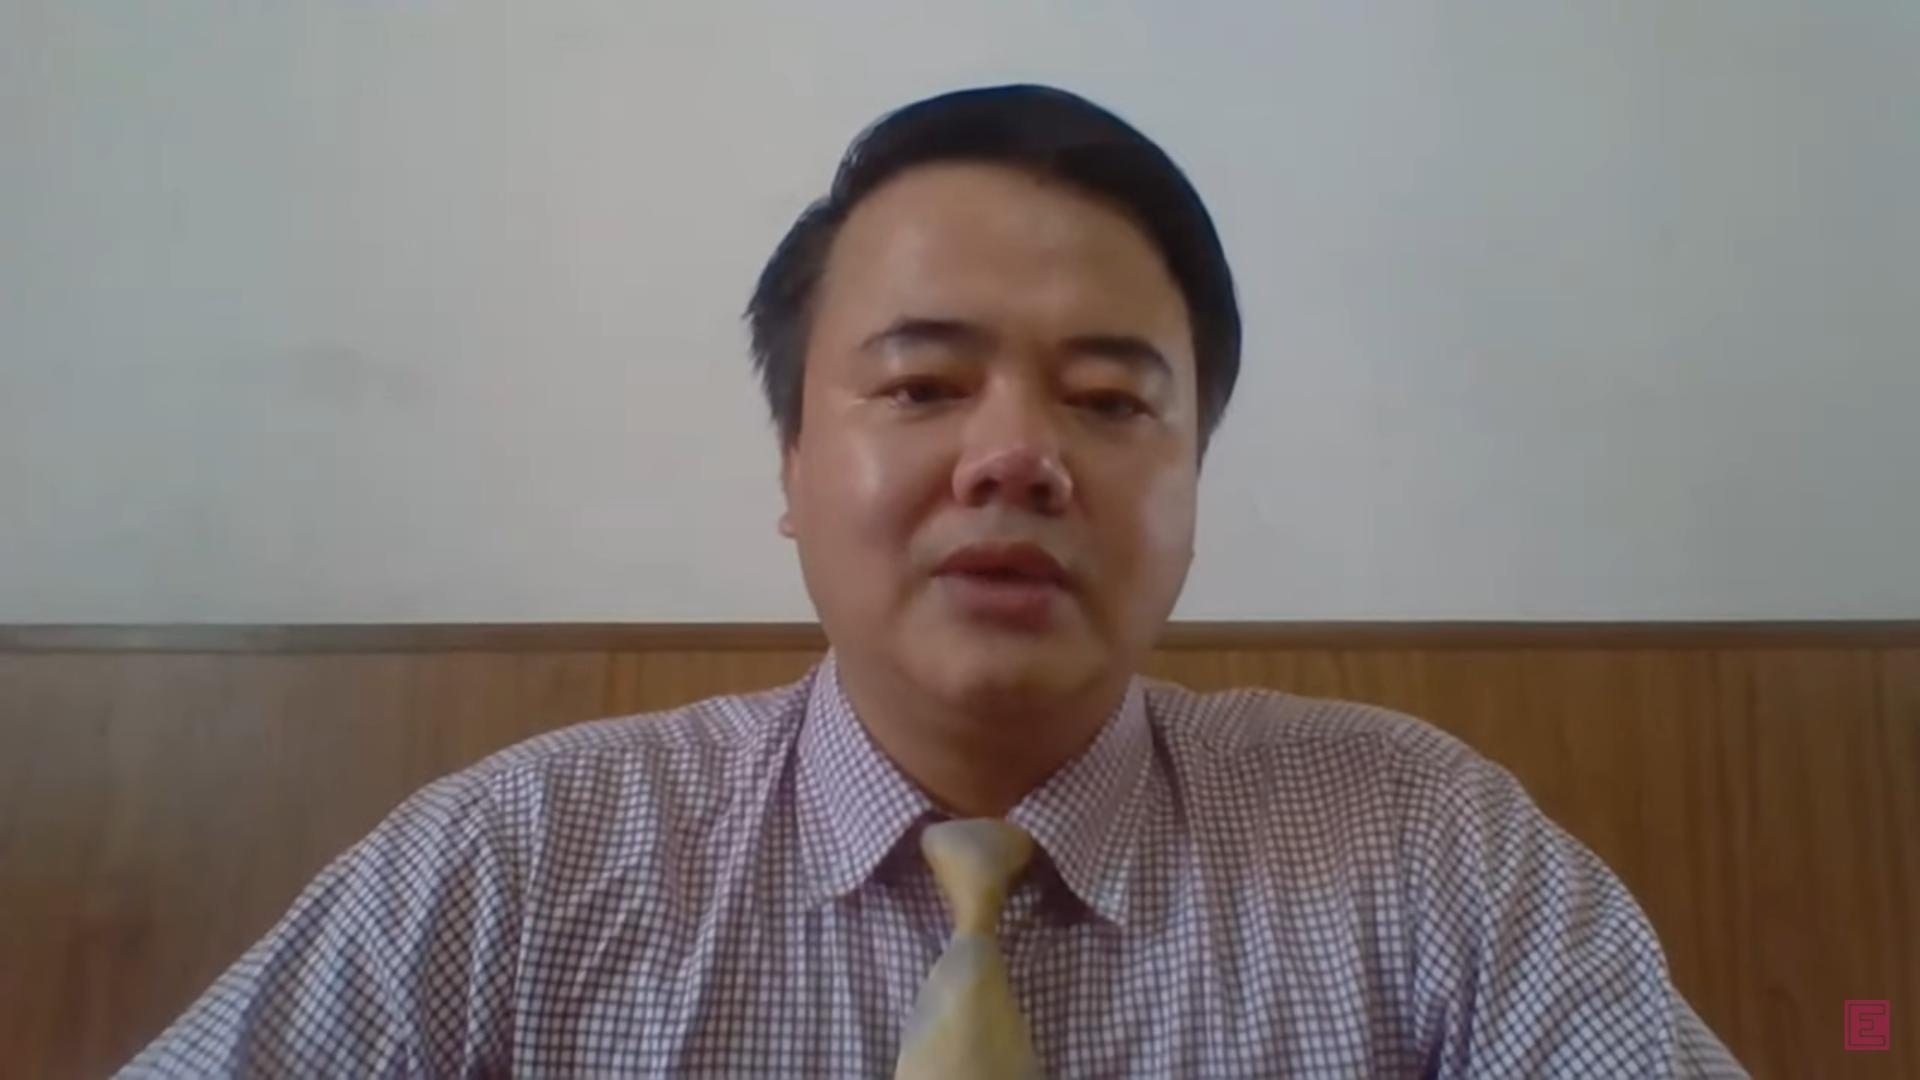 Ông Nguyễn Đăng Minh - Chủ tịch Hội đồng tư vấn Viện quản trị tinh gọn GKM.